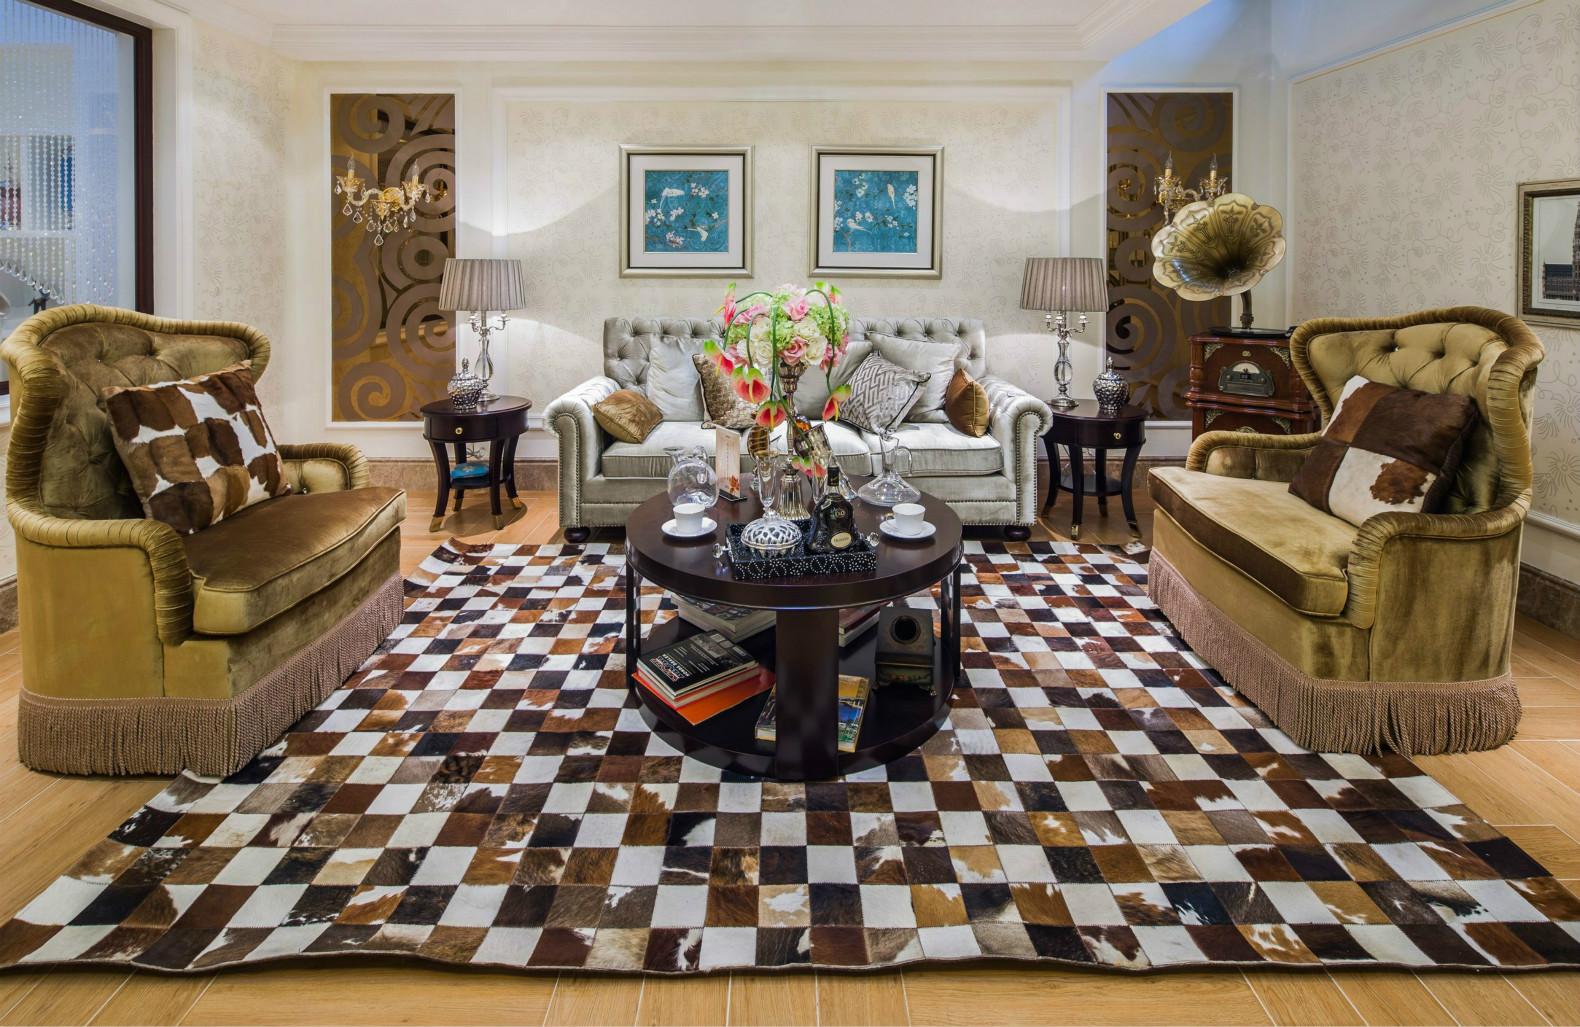 客厅地面麻质地毯,空间通过功能主义和现代主义相结合呈现一种更富情感化的简洁设计